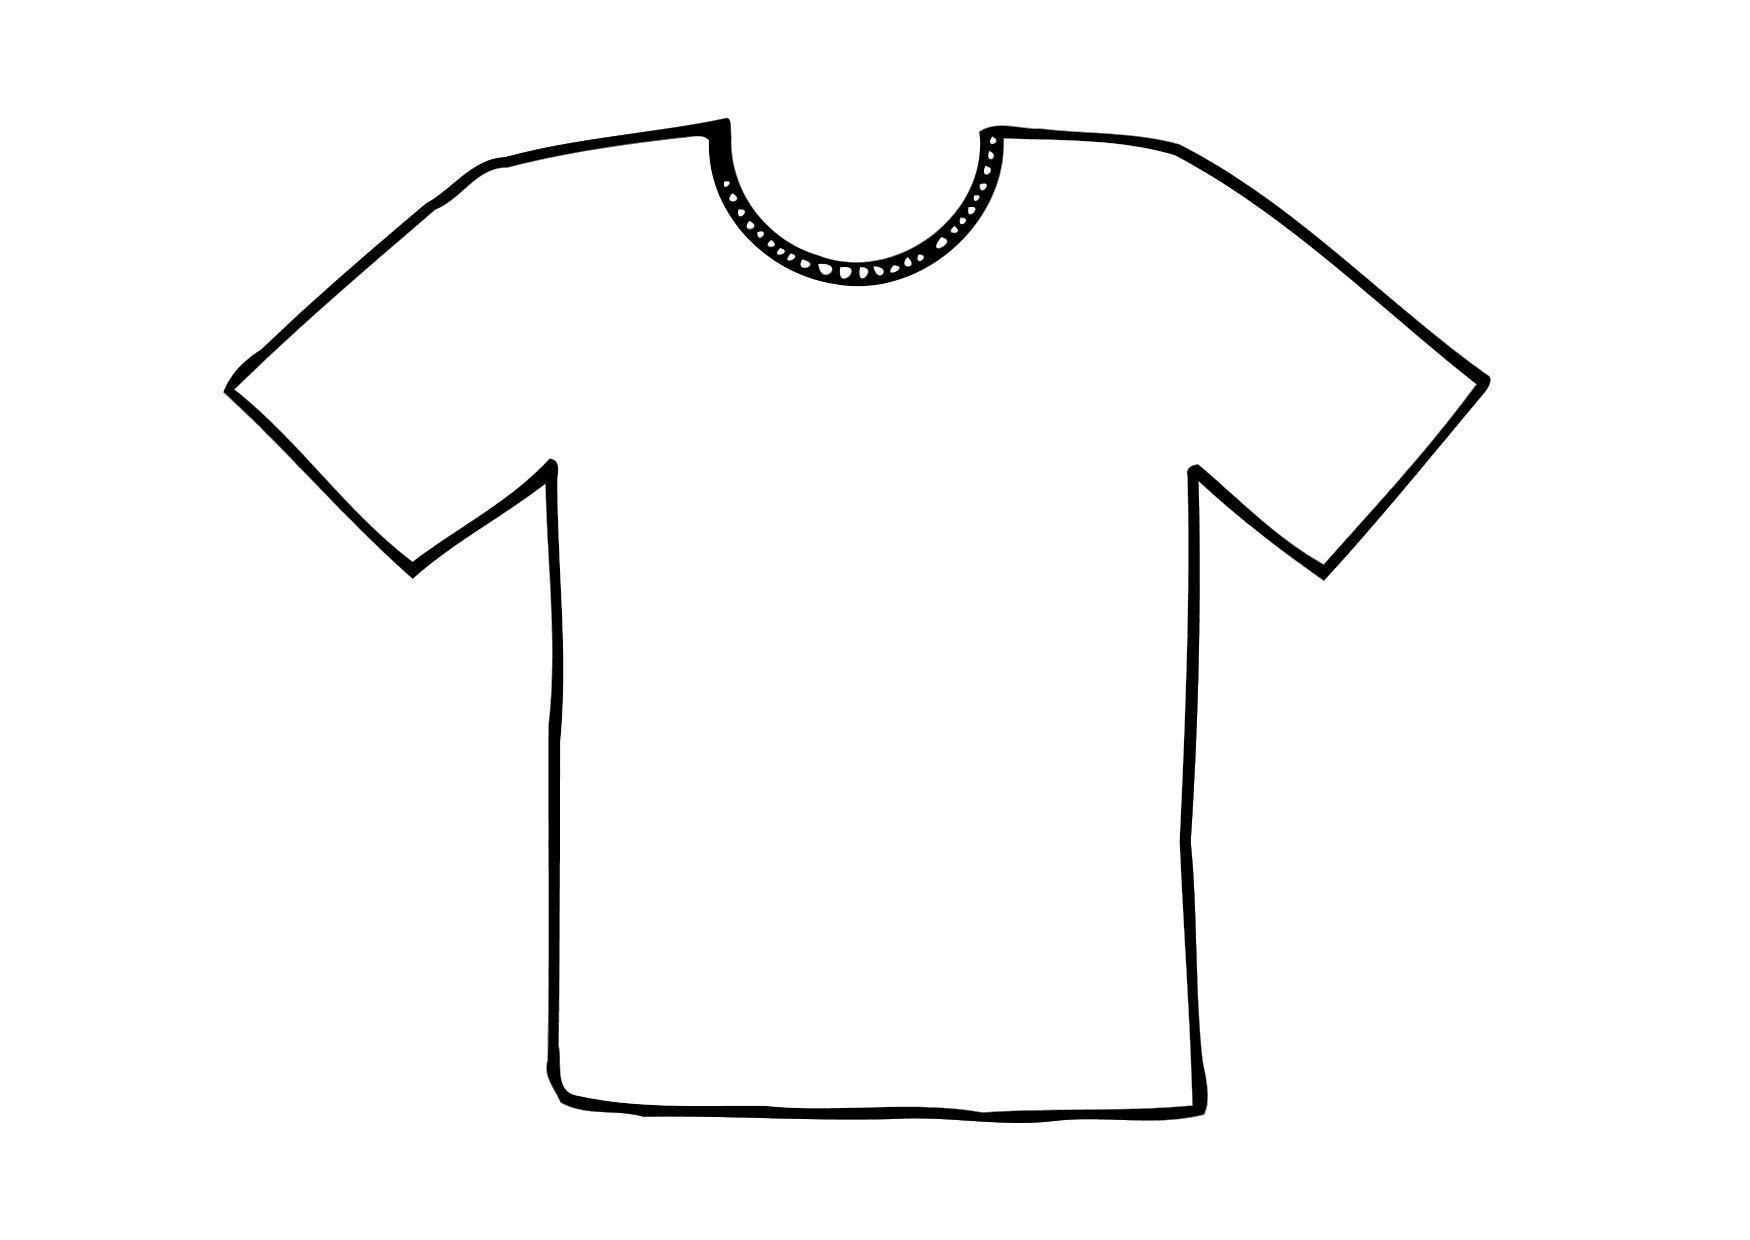 Ziemlich T Shirt Malvorlagen Bilder - Malvorlagen Von Tieren - ngadi ...